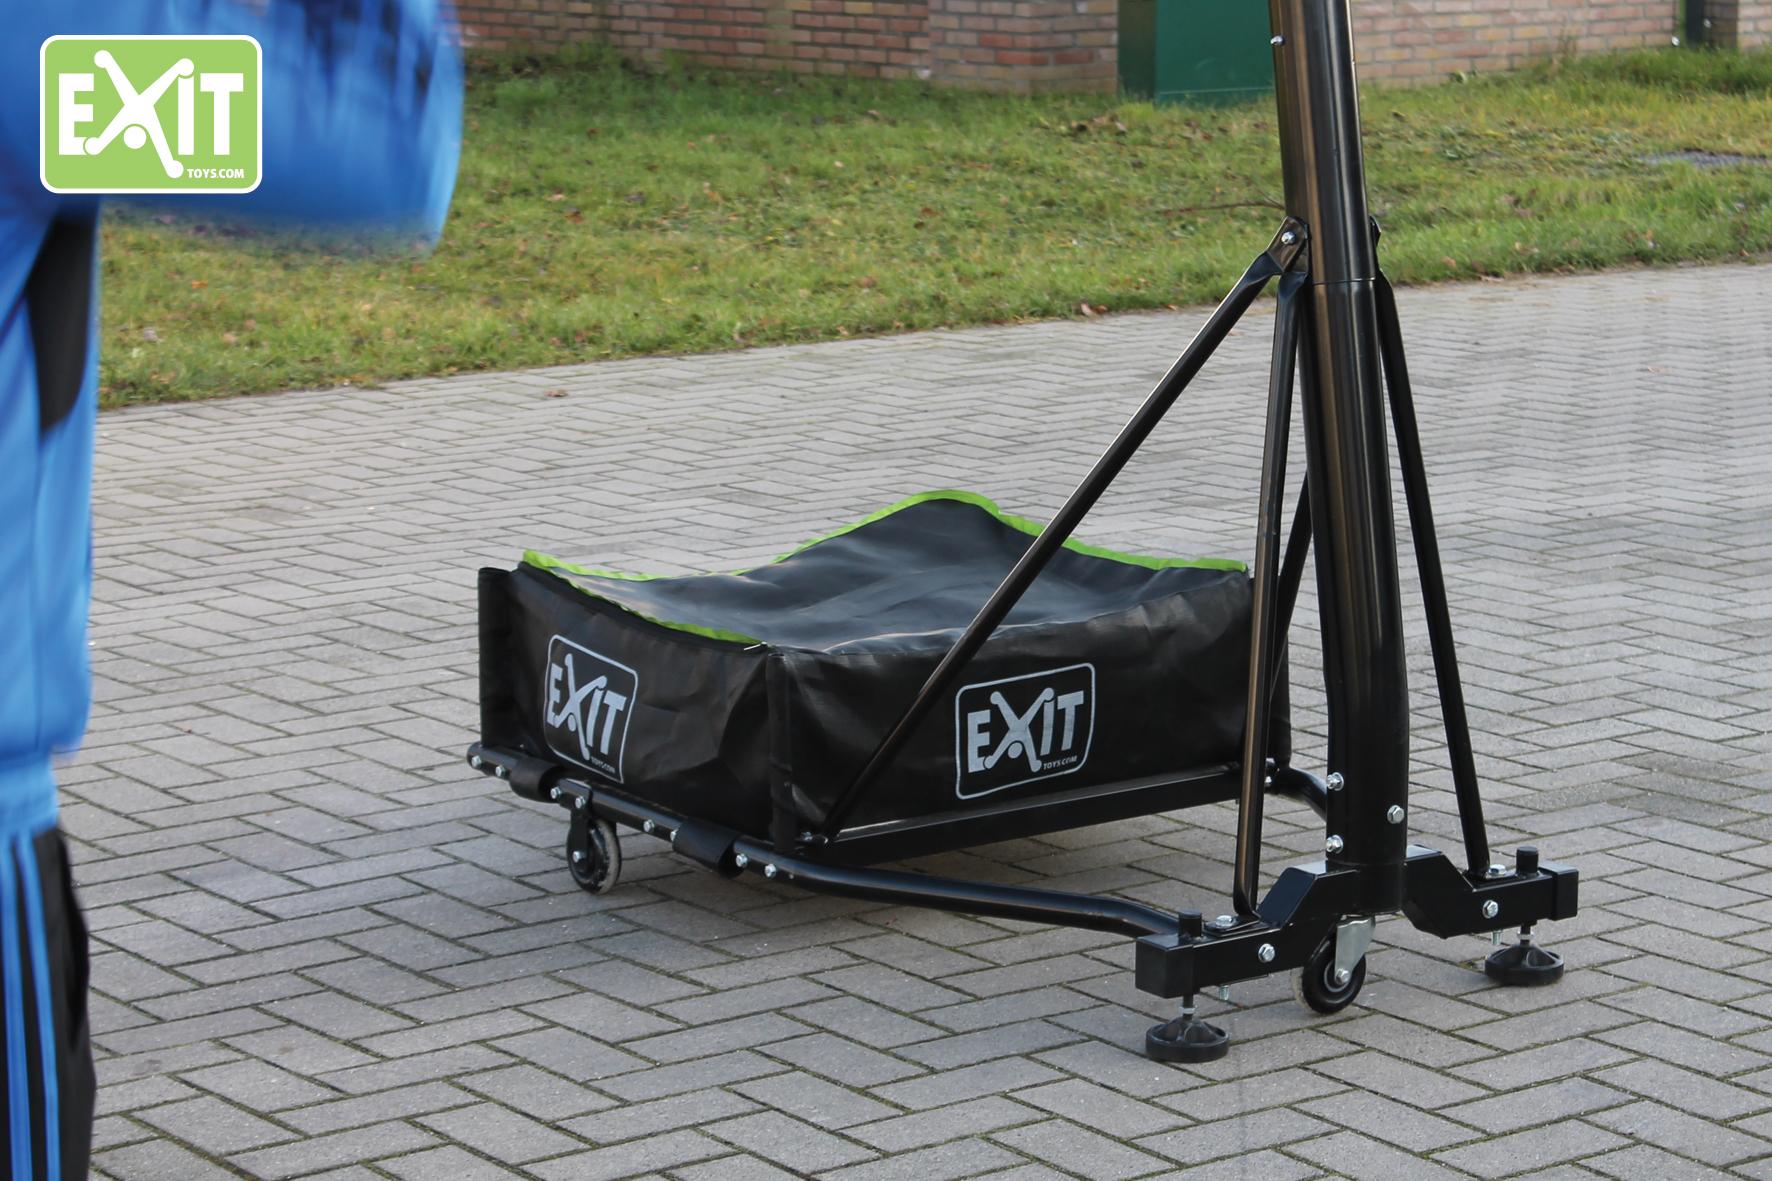 EXIT basketkorg Galaxy 03543f273093f